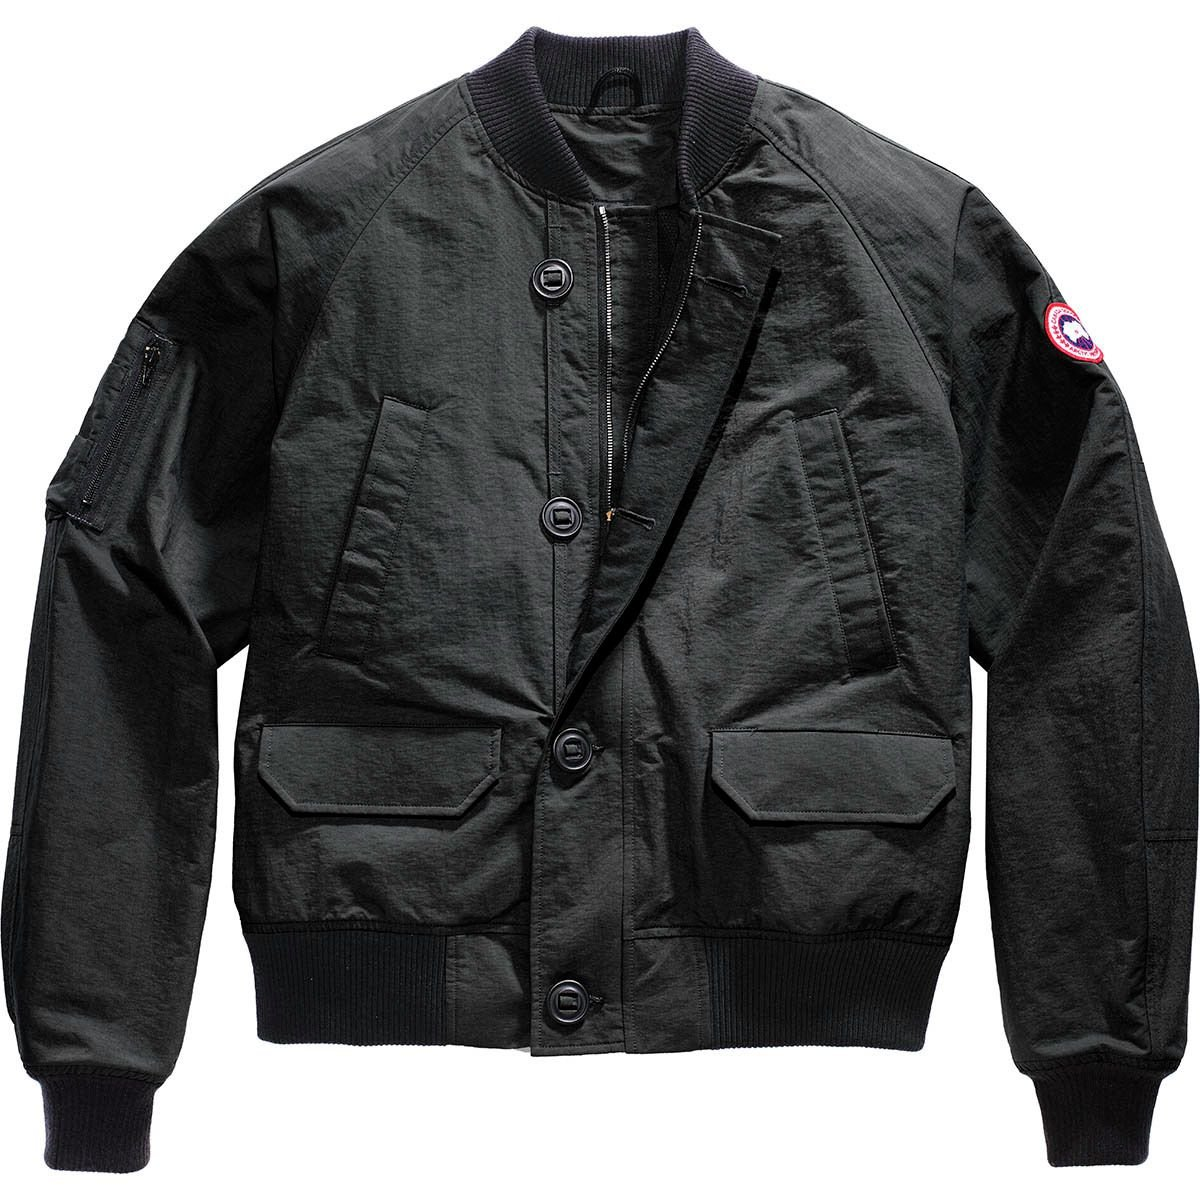 (カナダグース)Canada Goose Faber Bomber メンズ ジャケットBlack [並行輸入品] B0797N68KB  Black 日本サイズ L (US M)